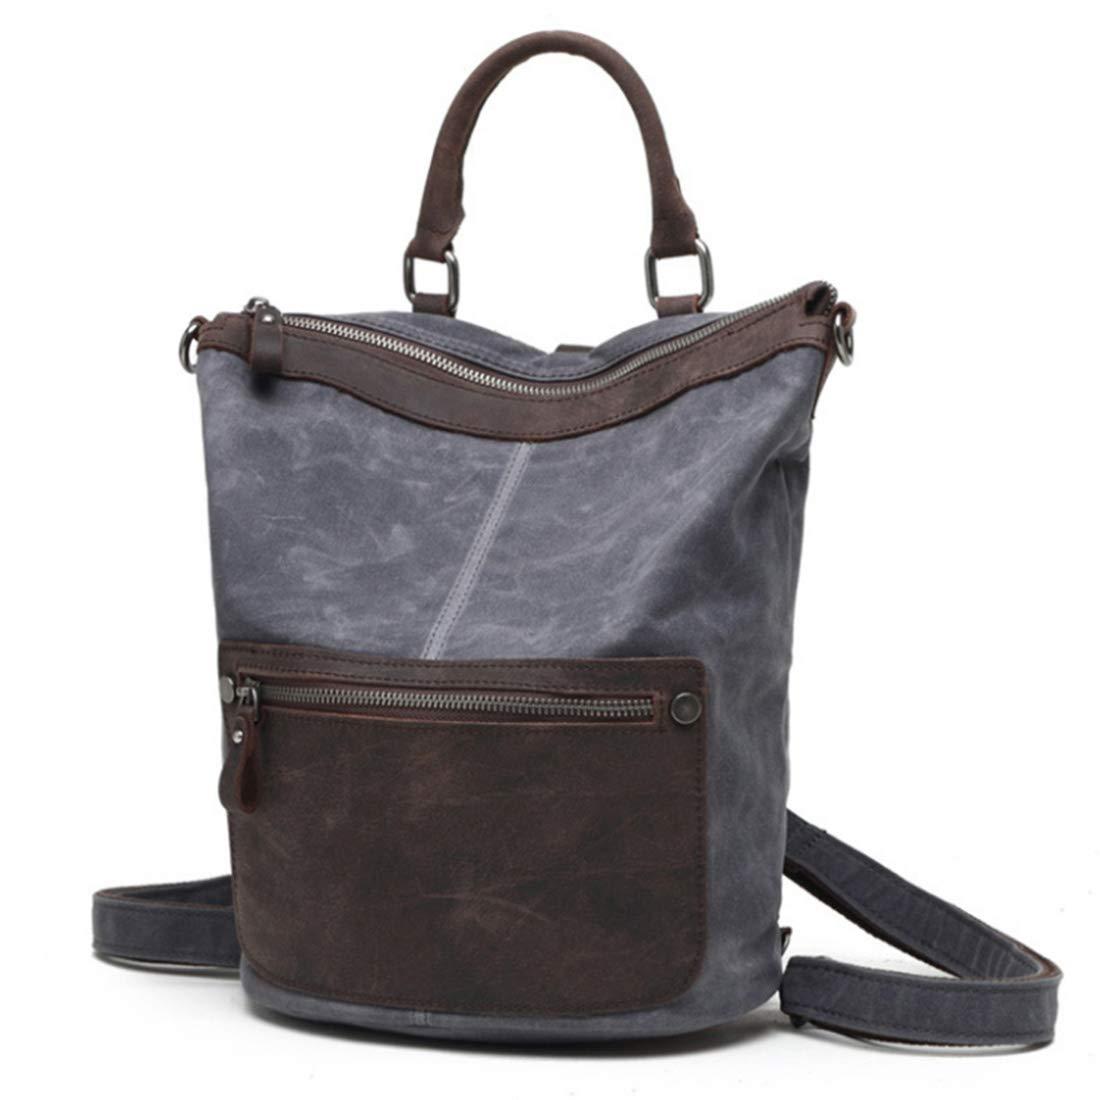 Cassiely 高密度綿の生地および屋外旅行バックパックが付いているオイルのワックスの防水頭部の層の革キャンバス袋。防水バックパックノートブックバックパック (色 : 暗灰色)  暗灰色 B07RJFXS3D